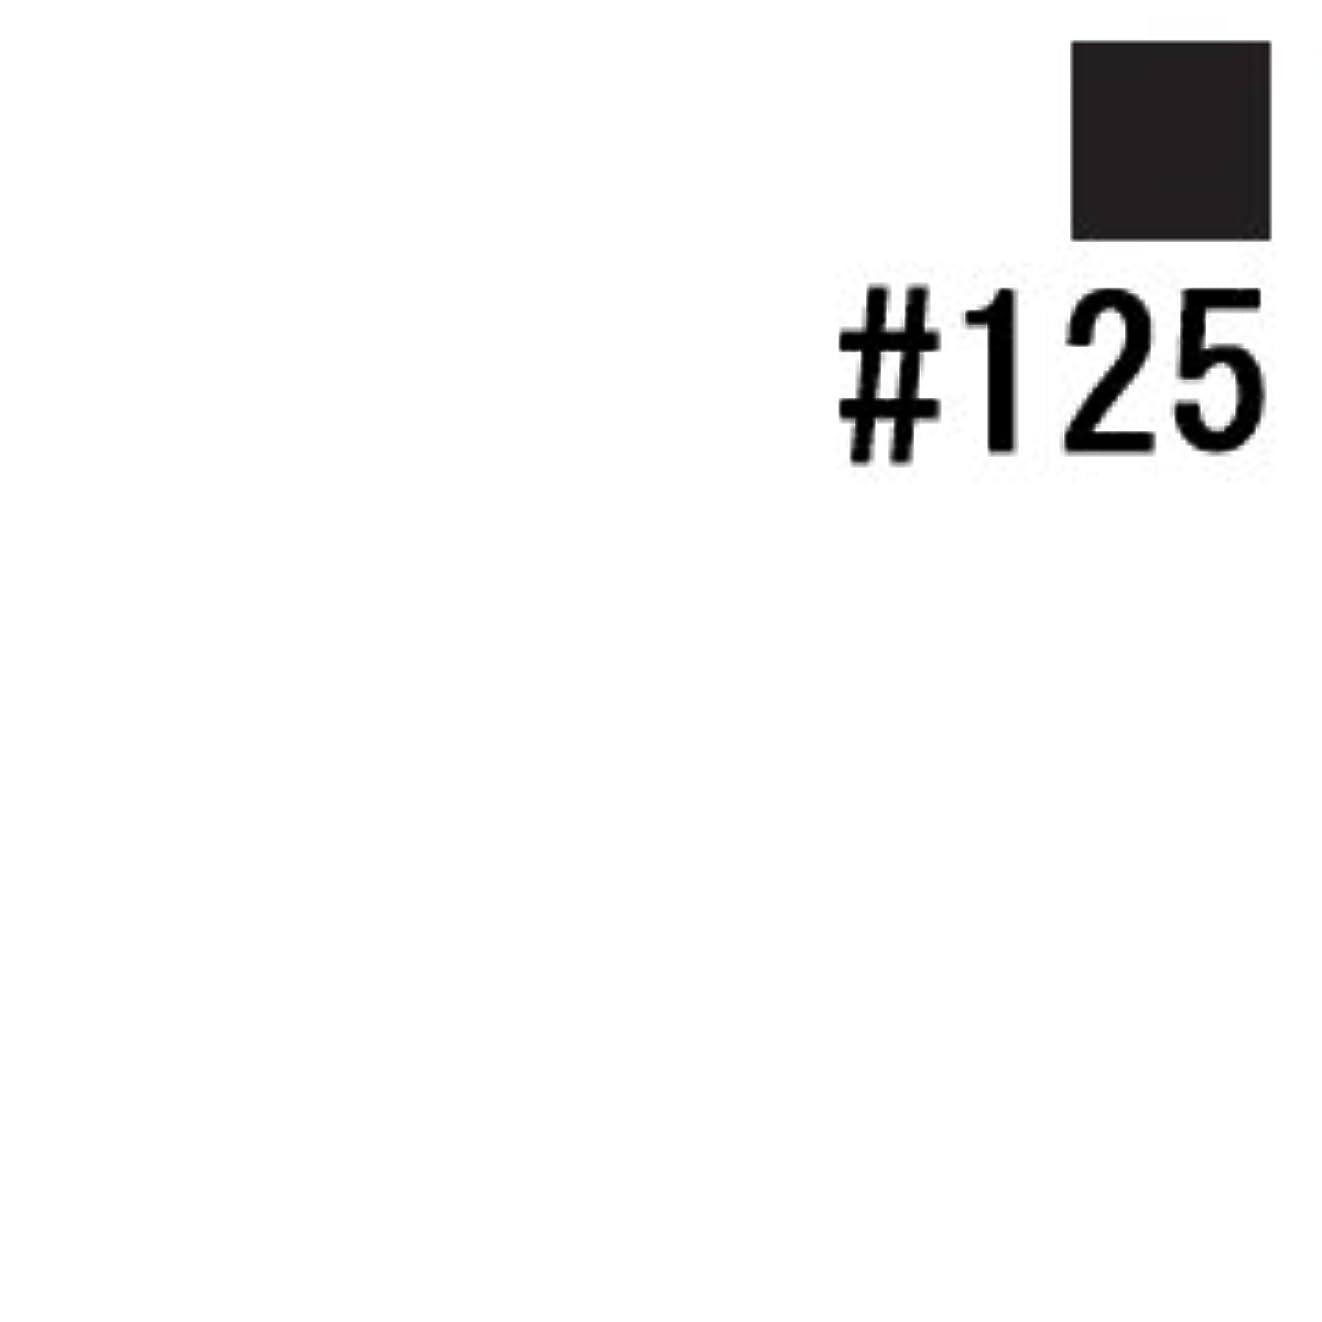 それぞれペニーたとえ【レブロン】パヒューマリー センティド ネイルエナメル #125 11.7ml [並行輸入品]